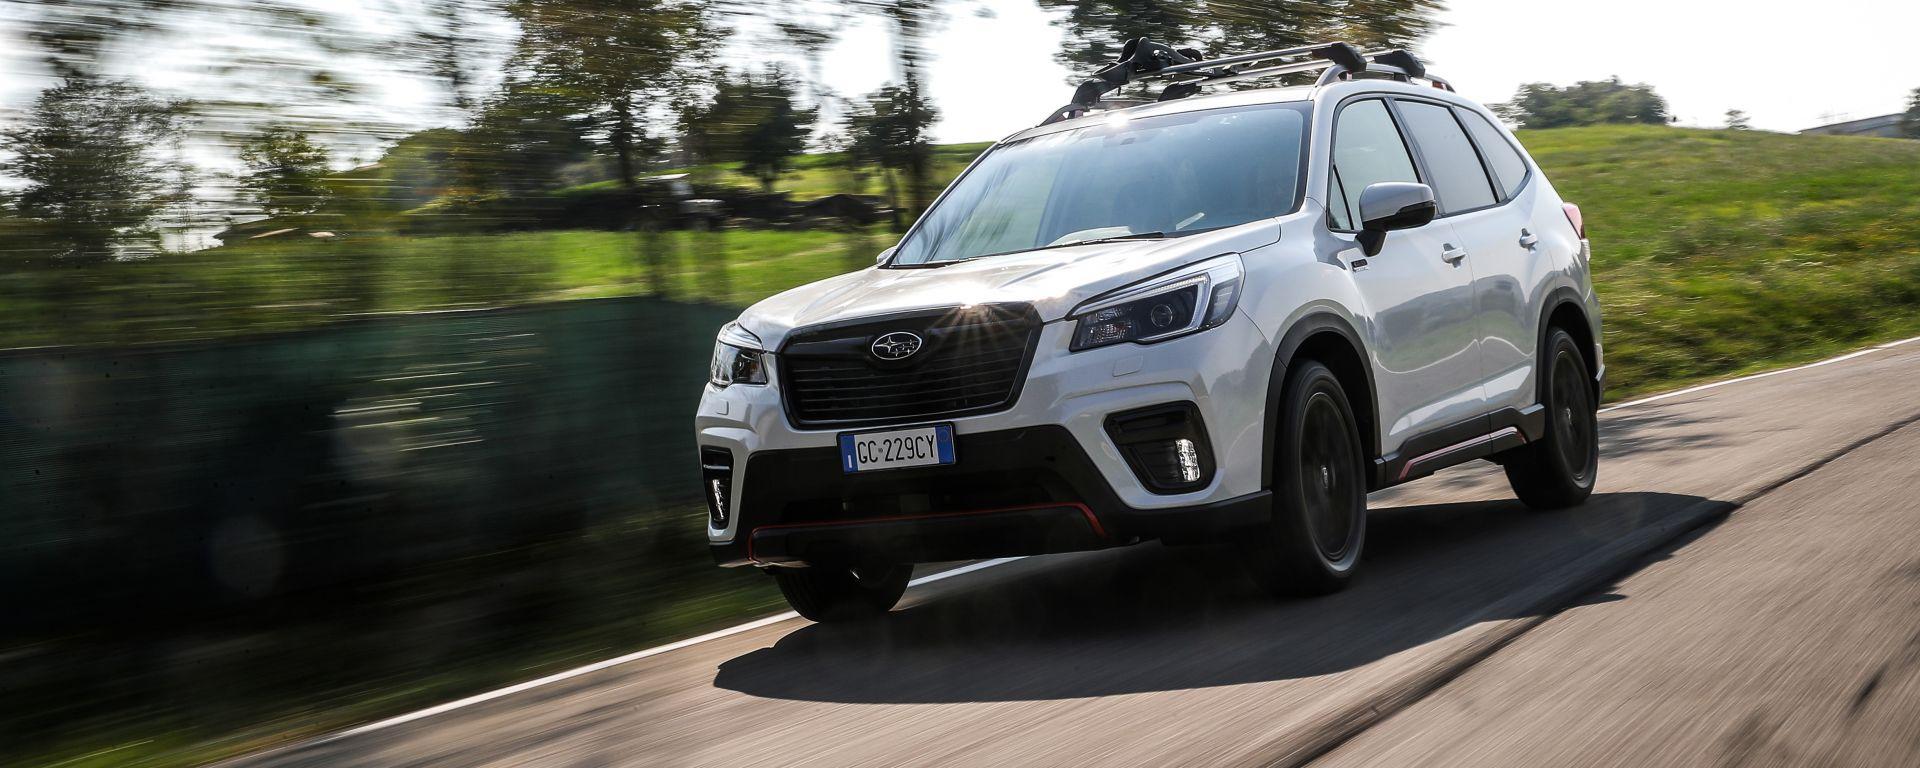 Nuova Subaru Forester e-Boxer 4dventure: ibrida votata all'avventura